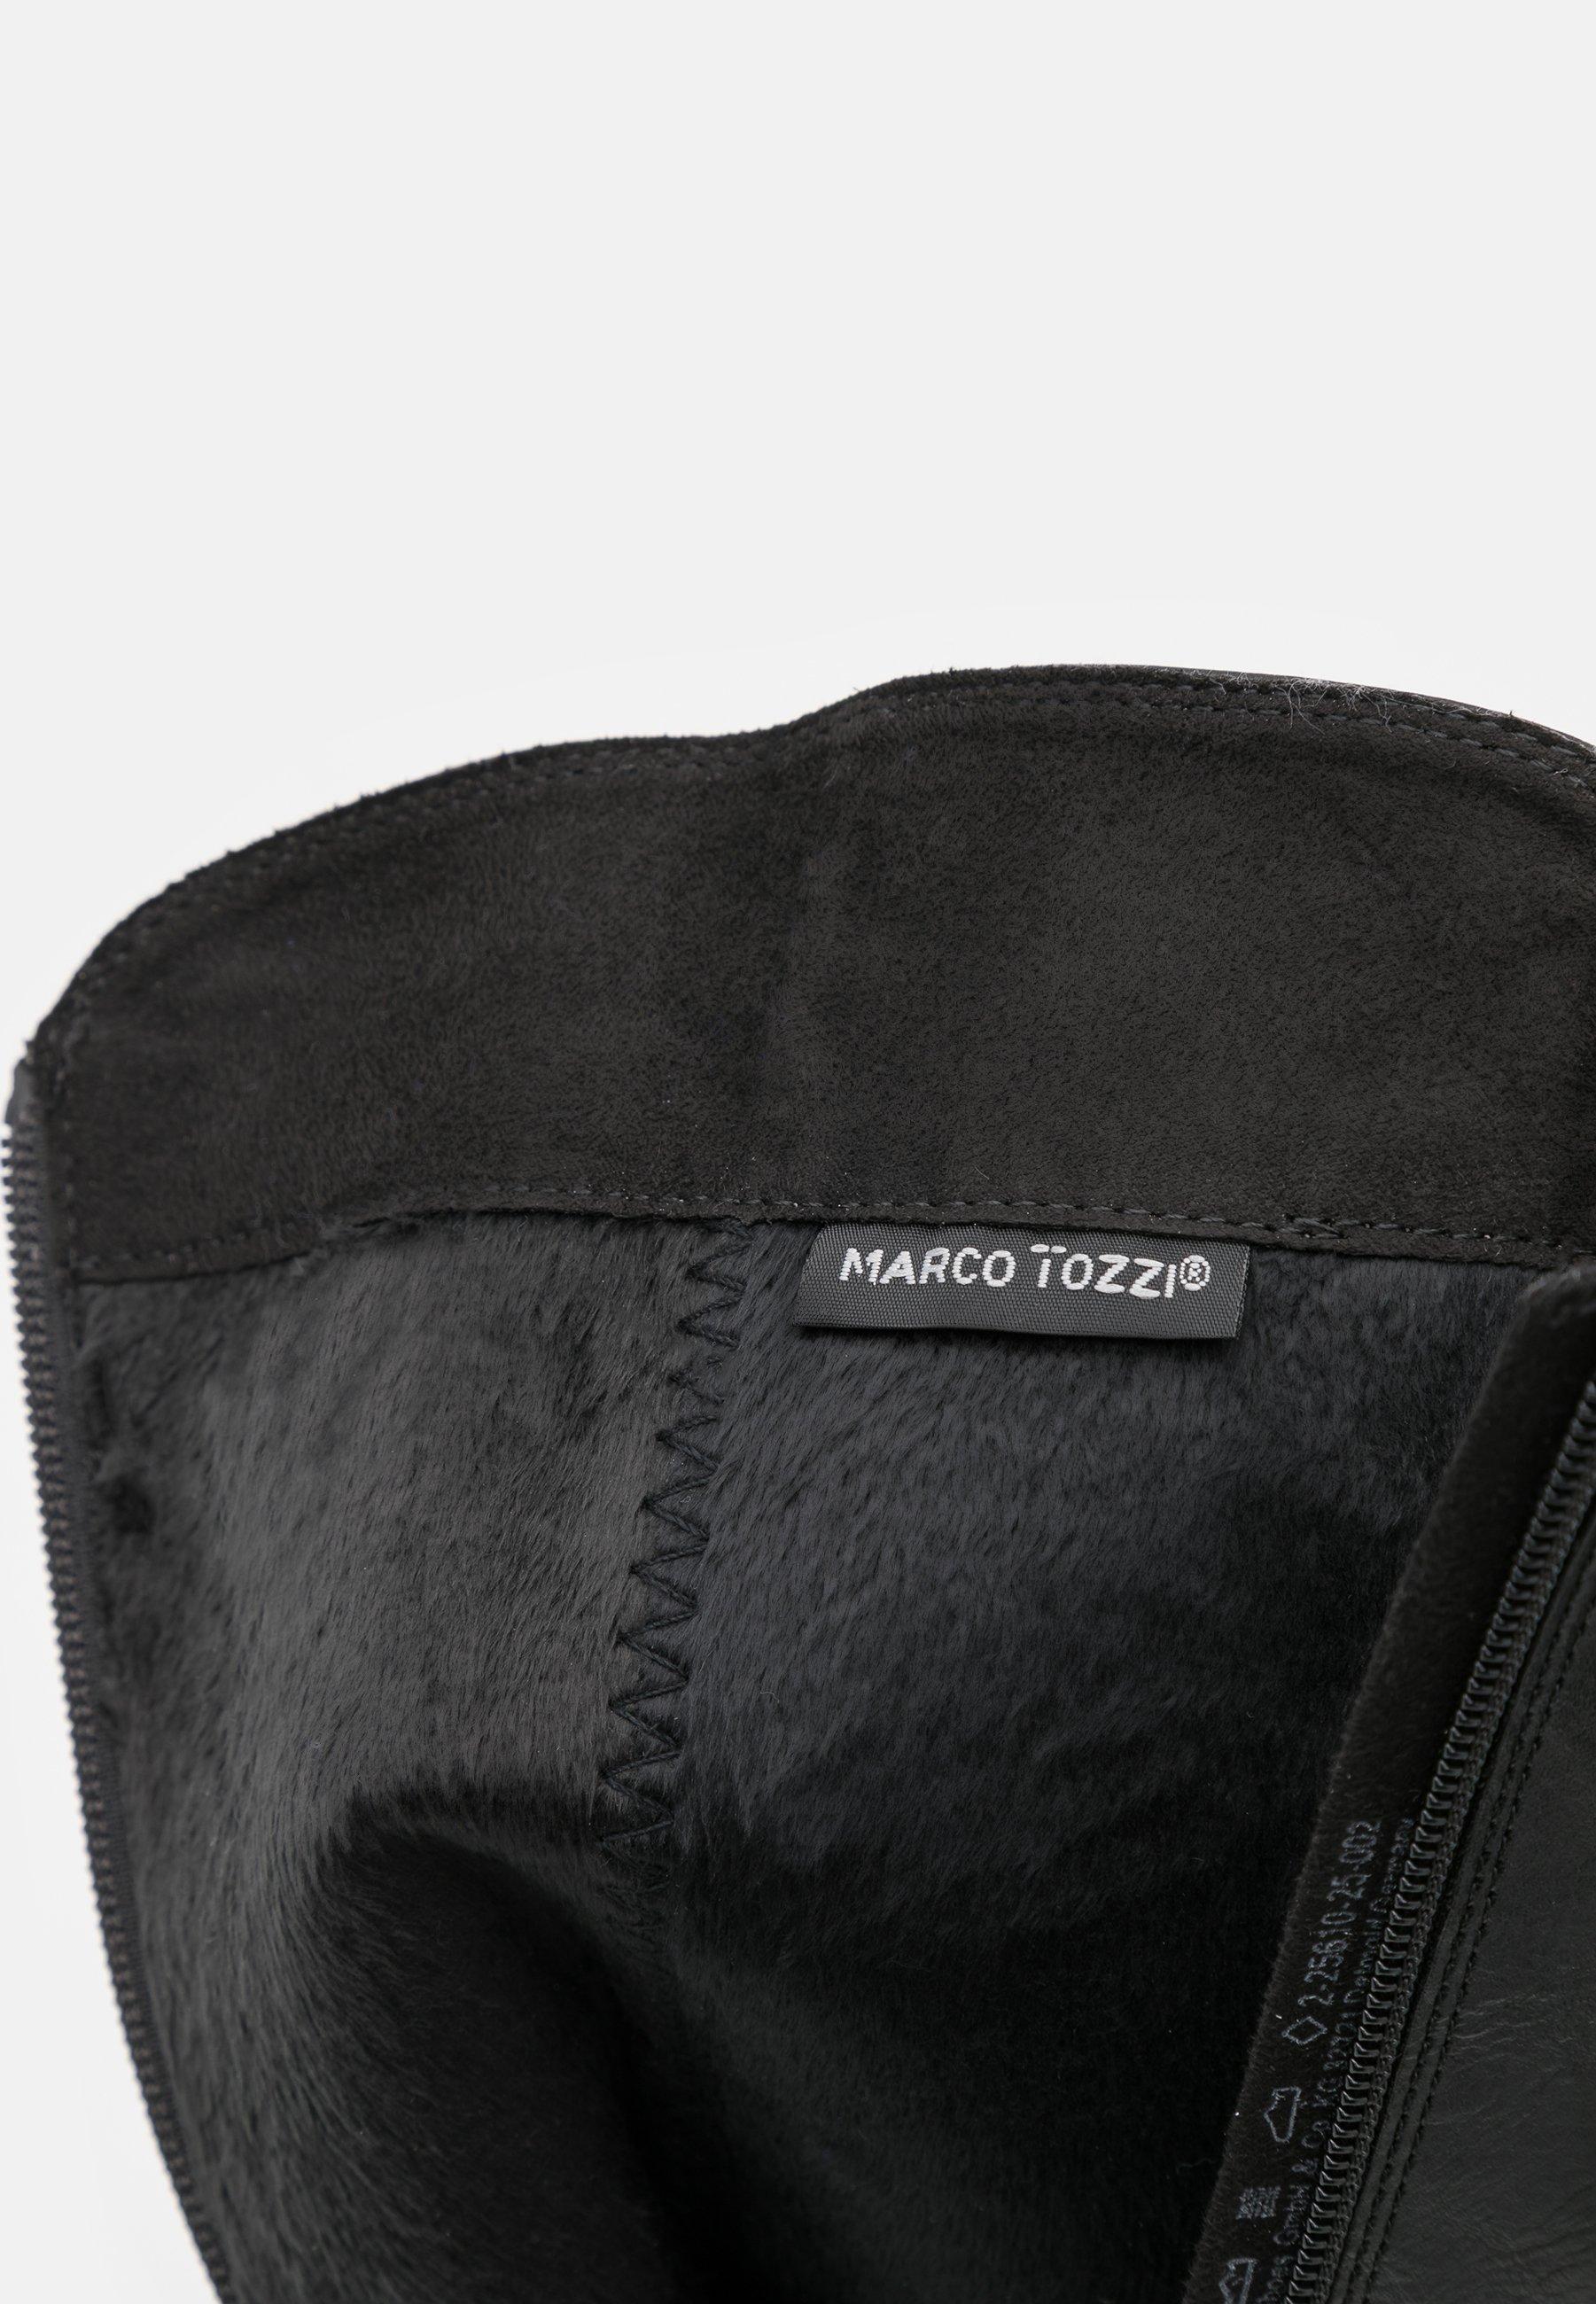 Marco Tozzi Stiefel - Black Antic/schwarz